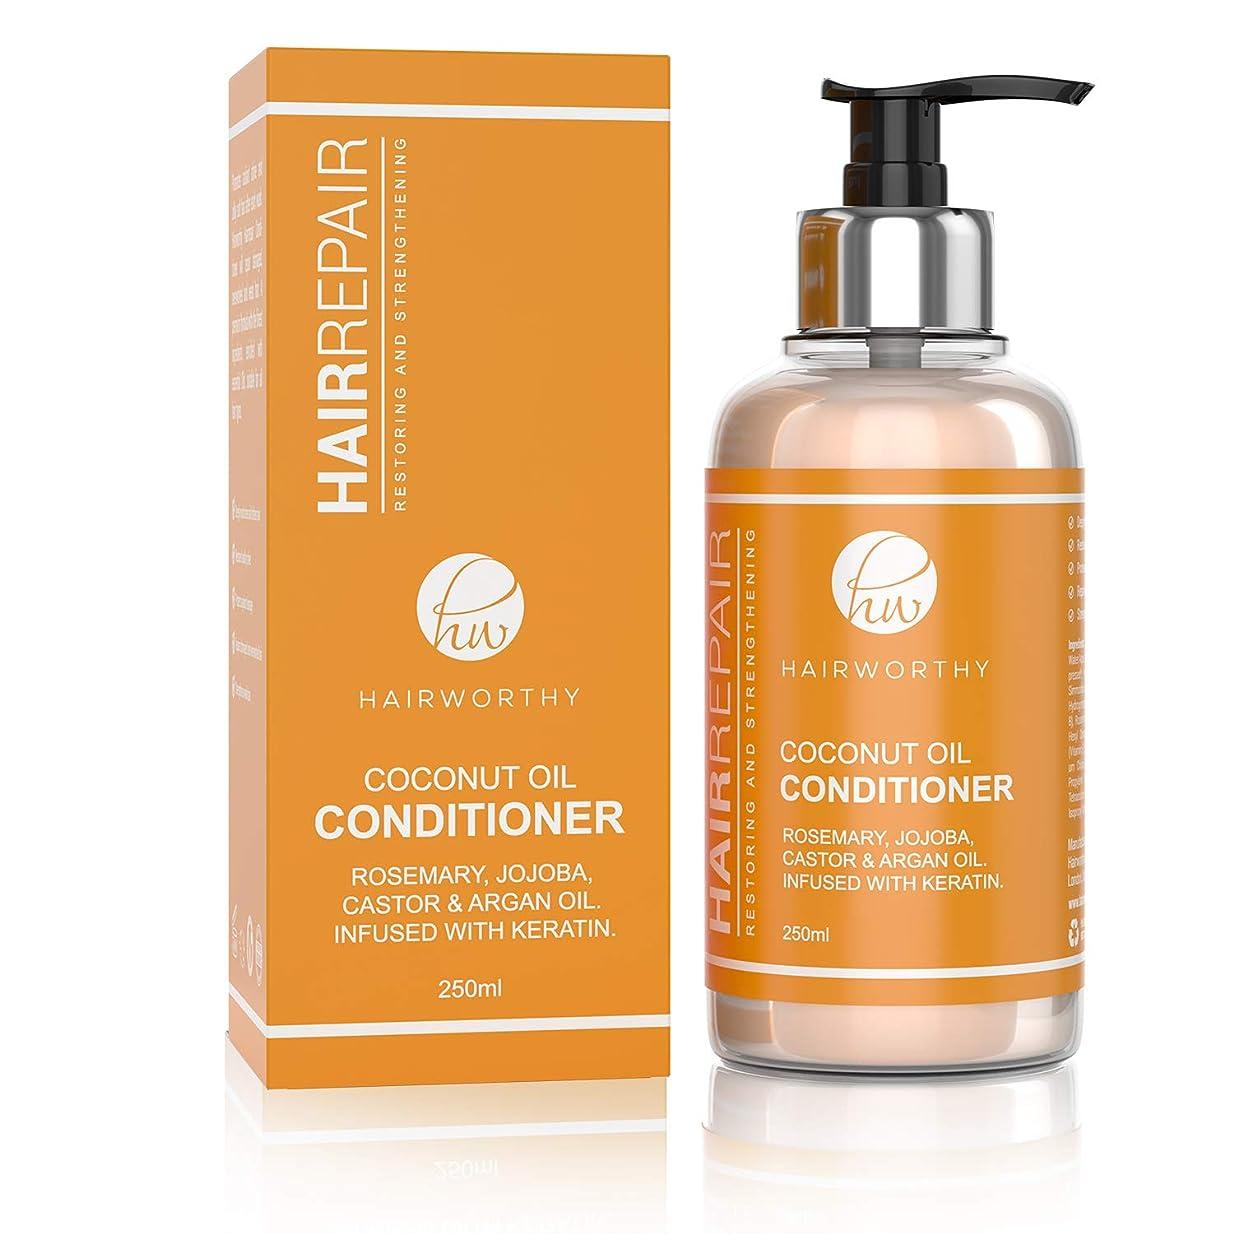 プール観客コンパニオンHairworthy Hairrepair ヘアリペアココナッツオイルコンディショナー-ローズマリー、ホホバ、ヒマシ油、アルガンオイル。ケラチンを注入します。